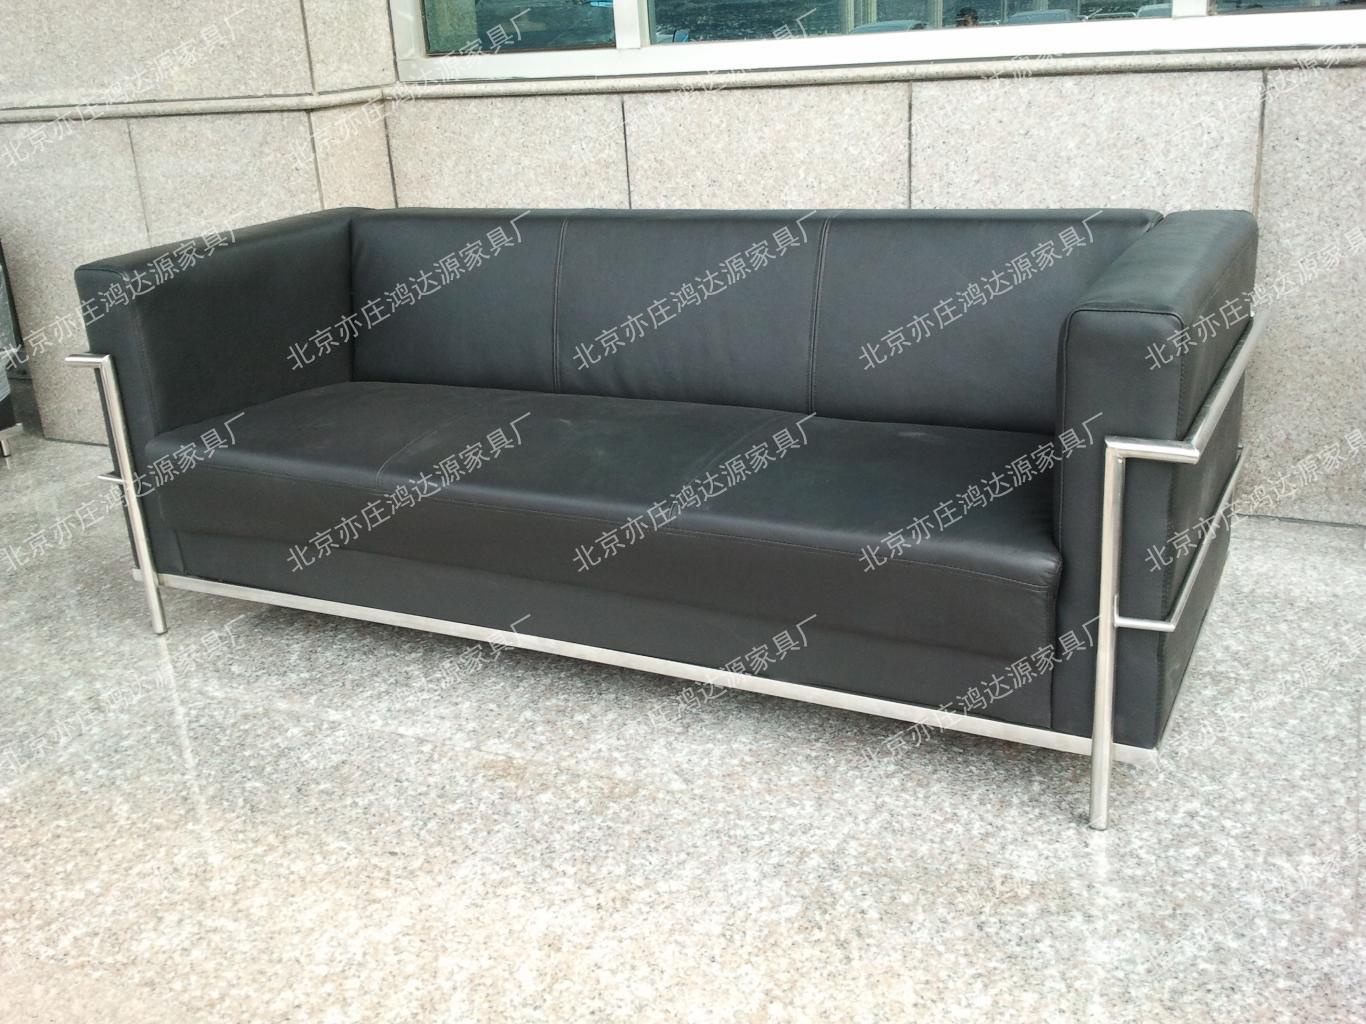 Диван для посетителей Фабрика прямых продаж офисные стулья, кожаные диваны, офисная мебель, офисные диваны 43